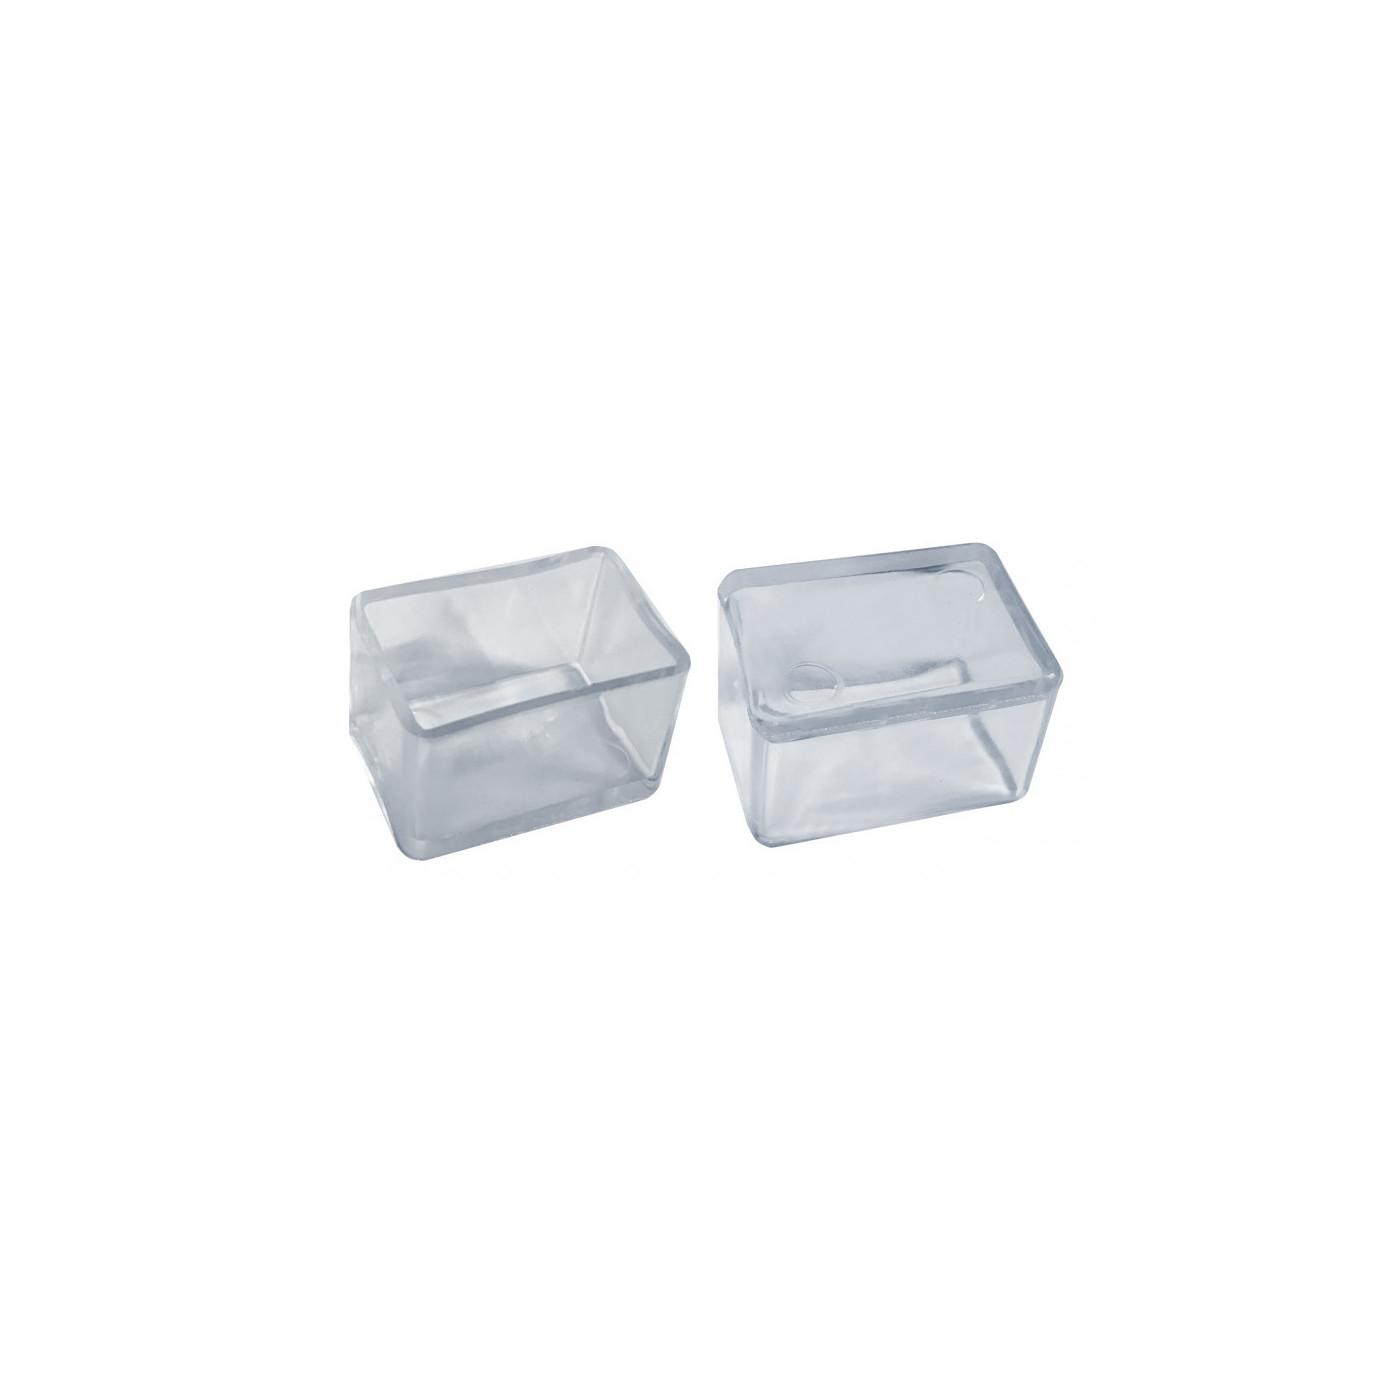 Set van 32 siliconen stoelpootdoppen (omdop, rechthoek, 30x50